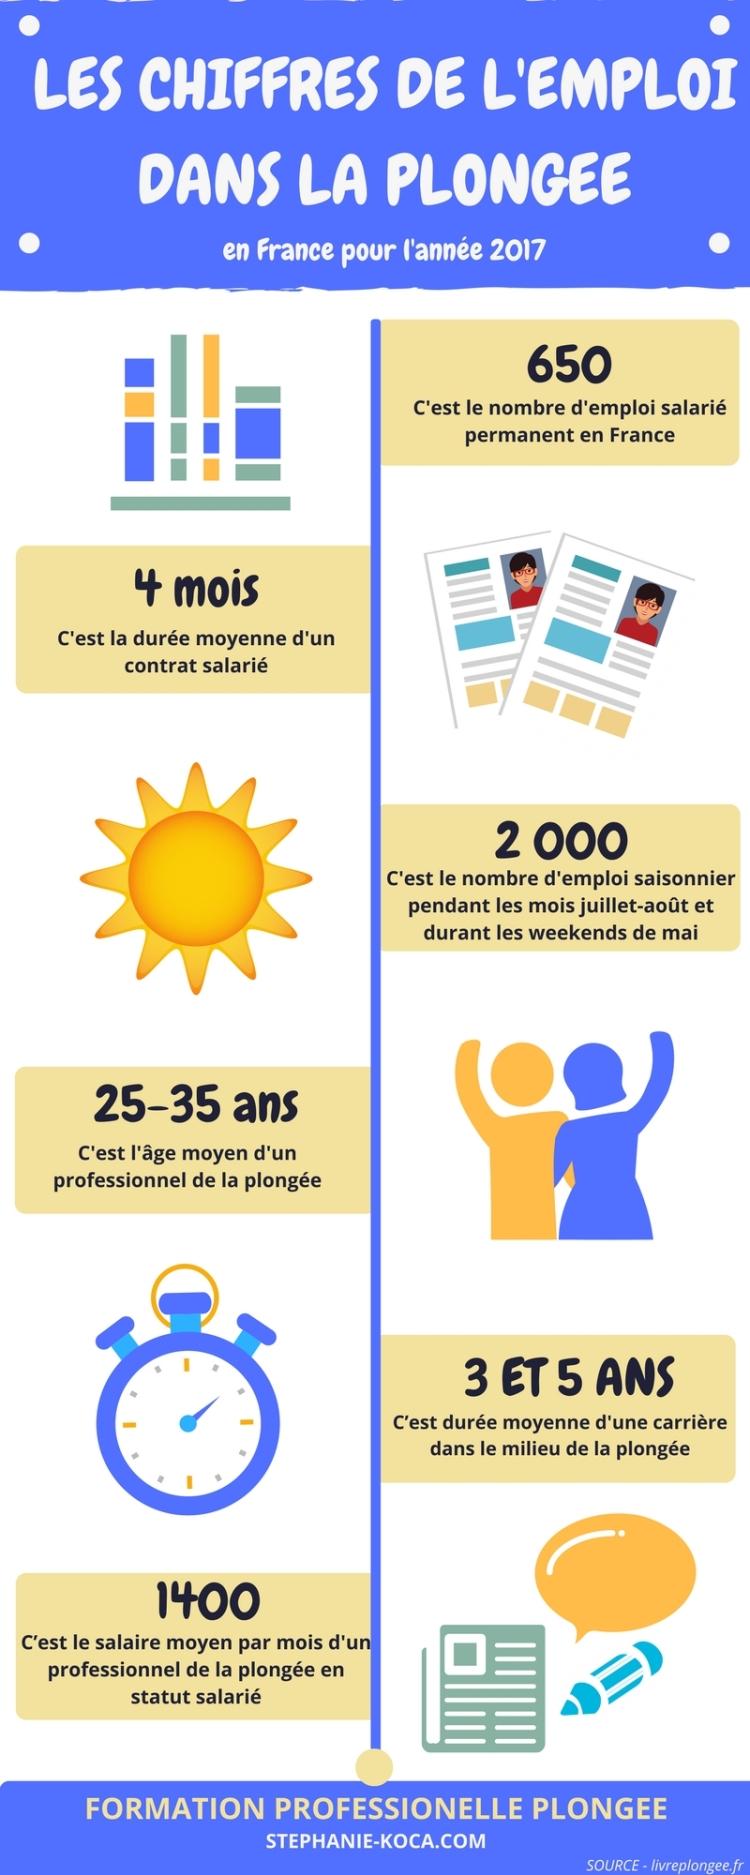 infographie de l emploi dans la plongee en france, stephanie koca